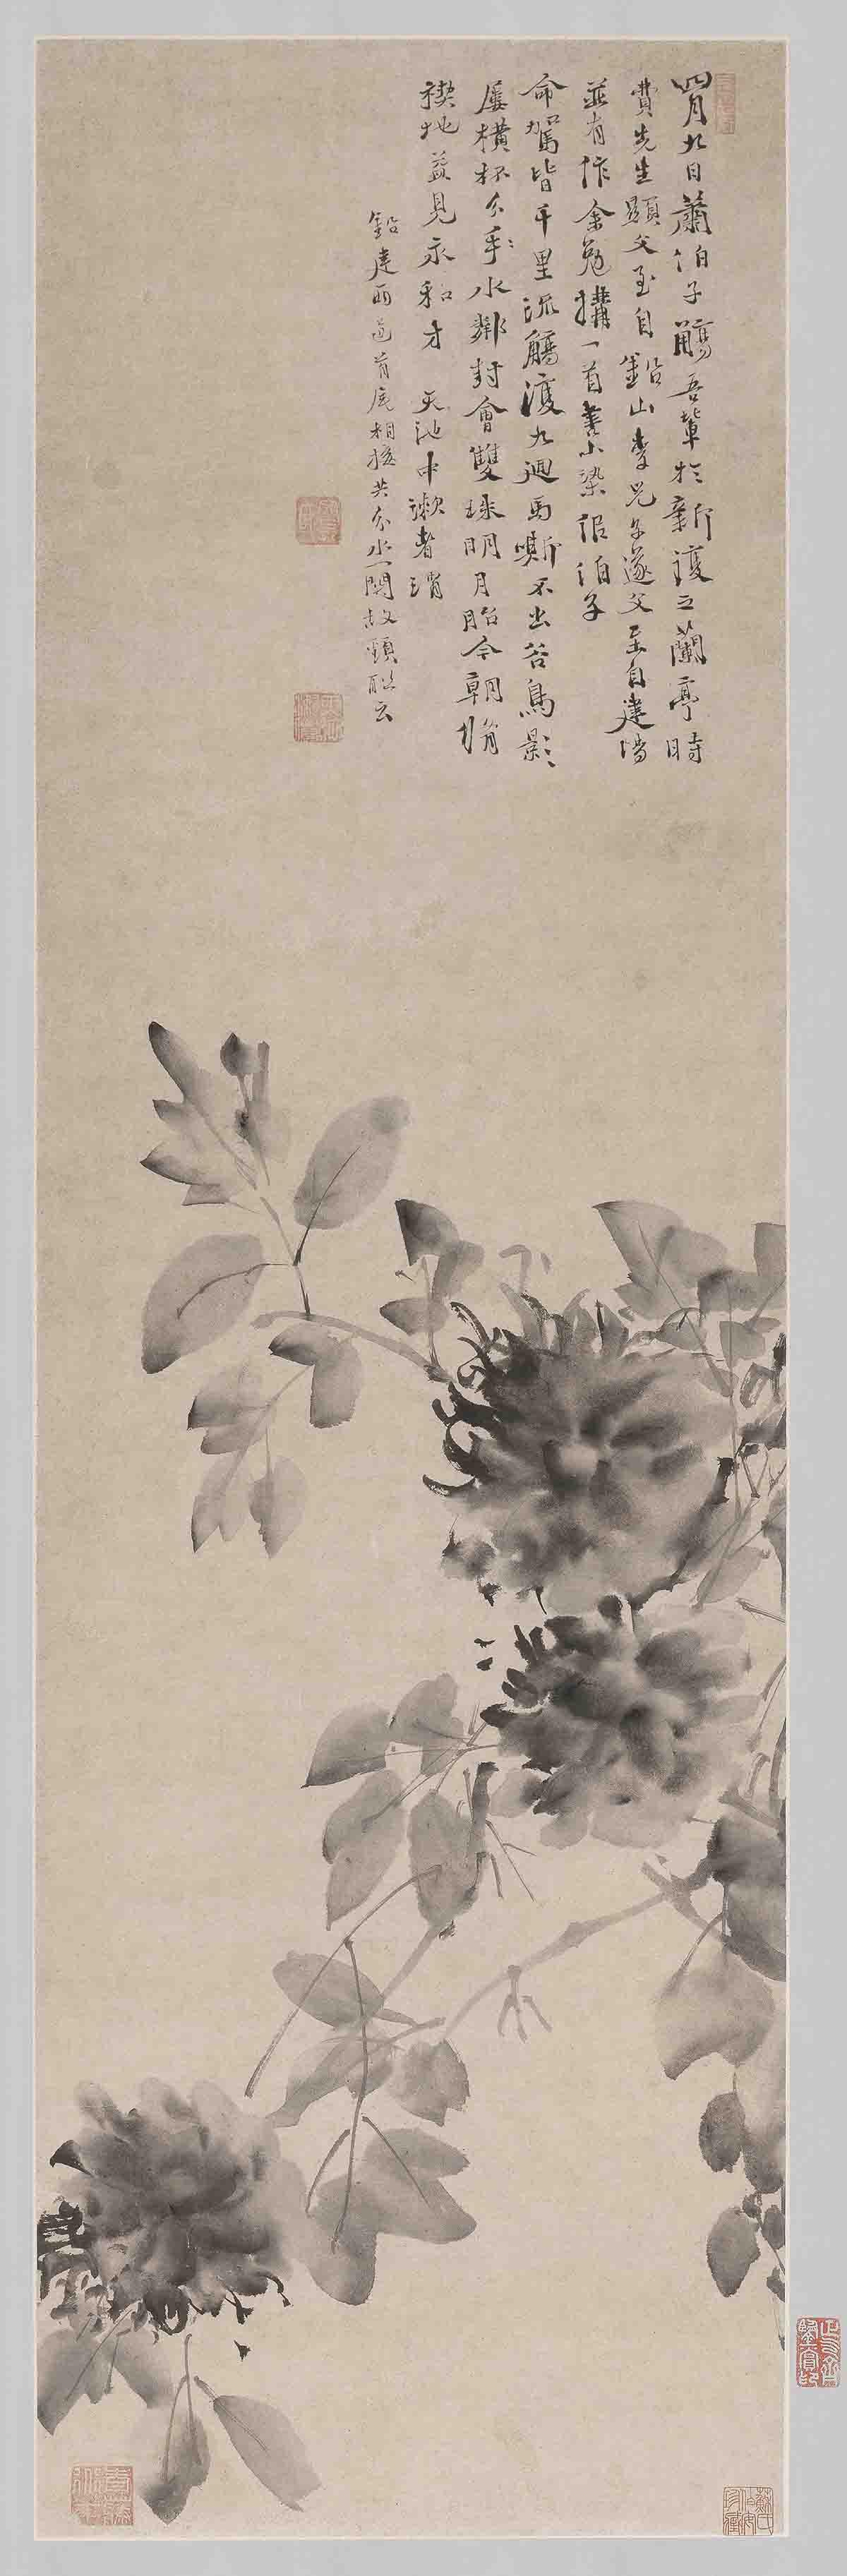 明 徐渭 水墨牡丹图轴纸本109.2x33